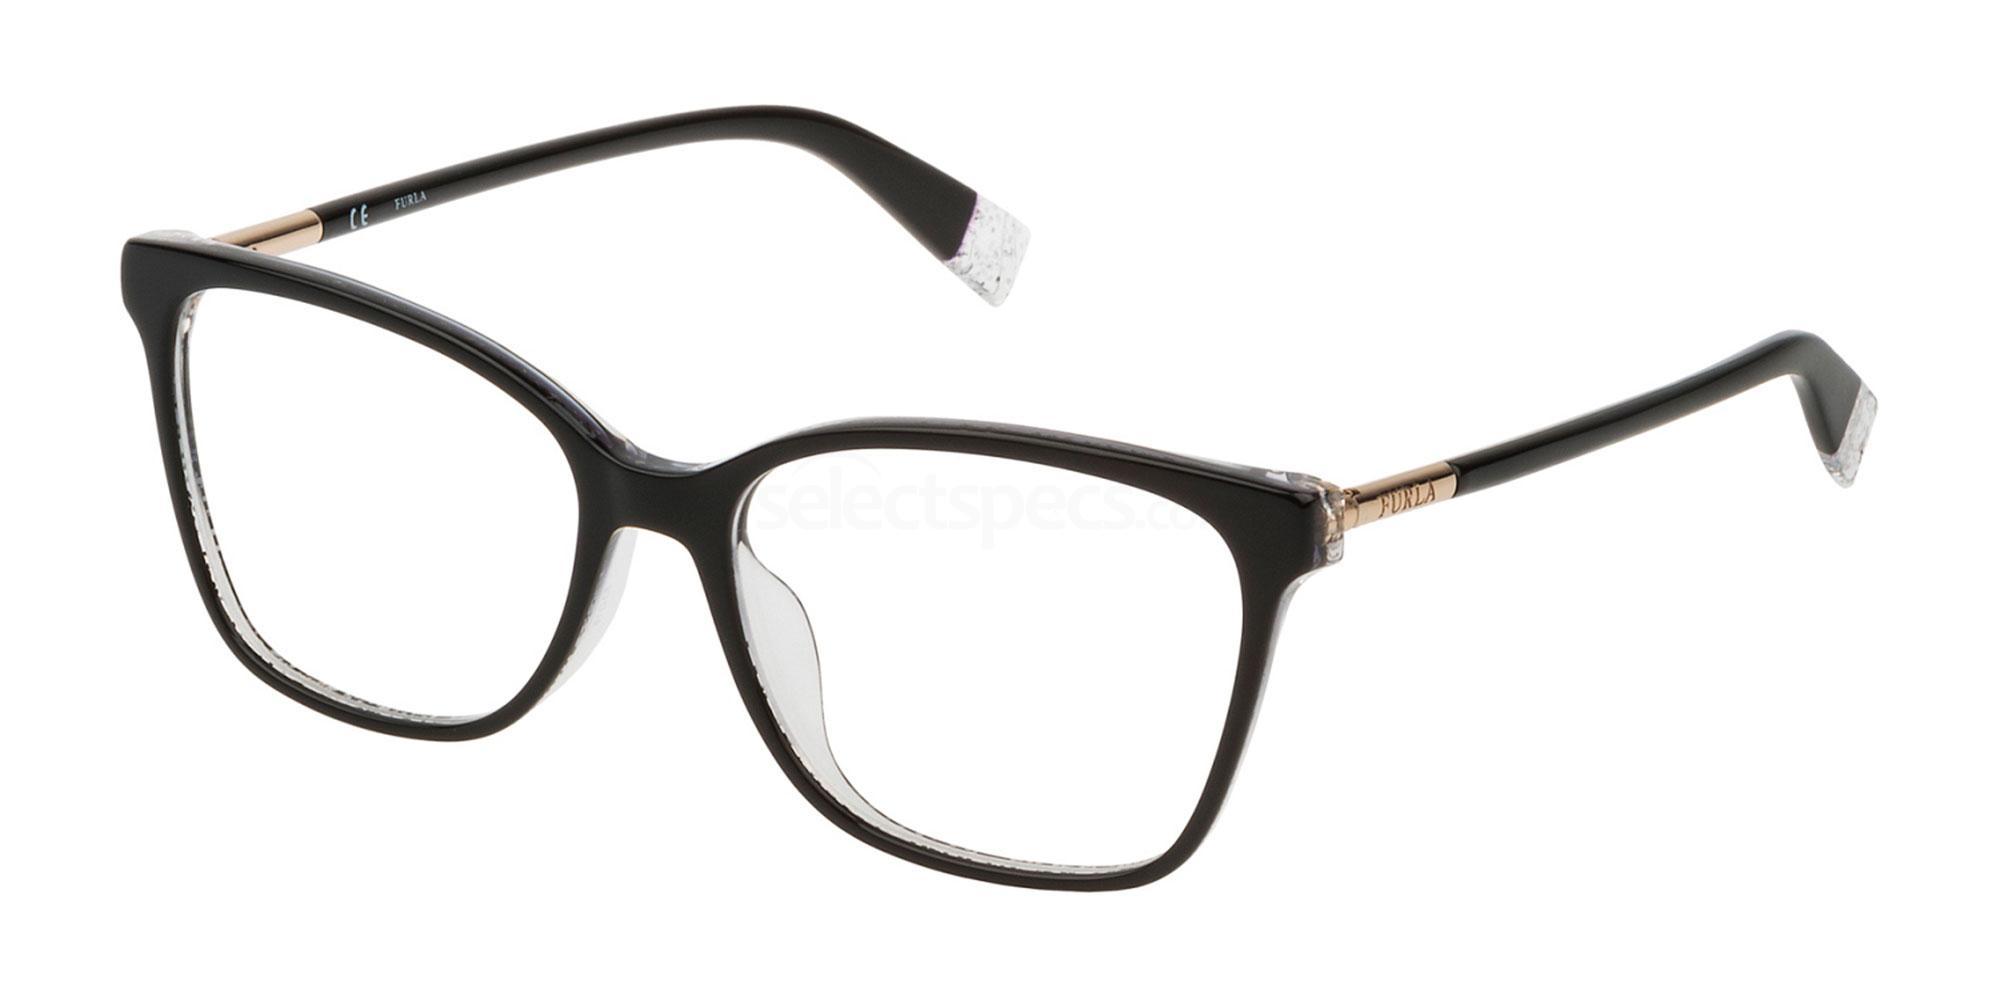 09G5 VFU248 Glasses, Furla